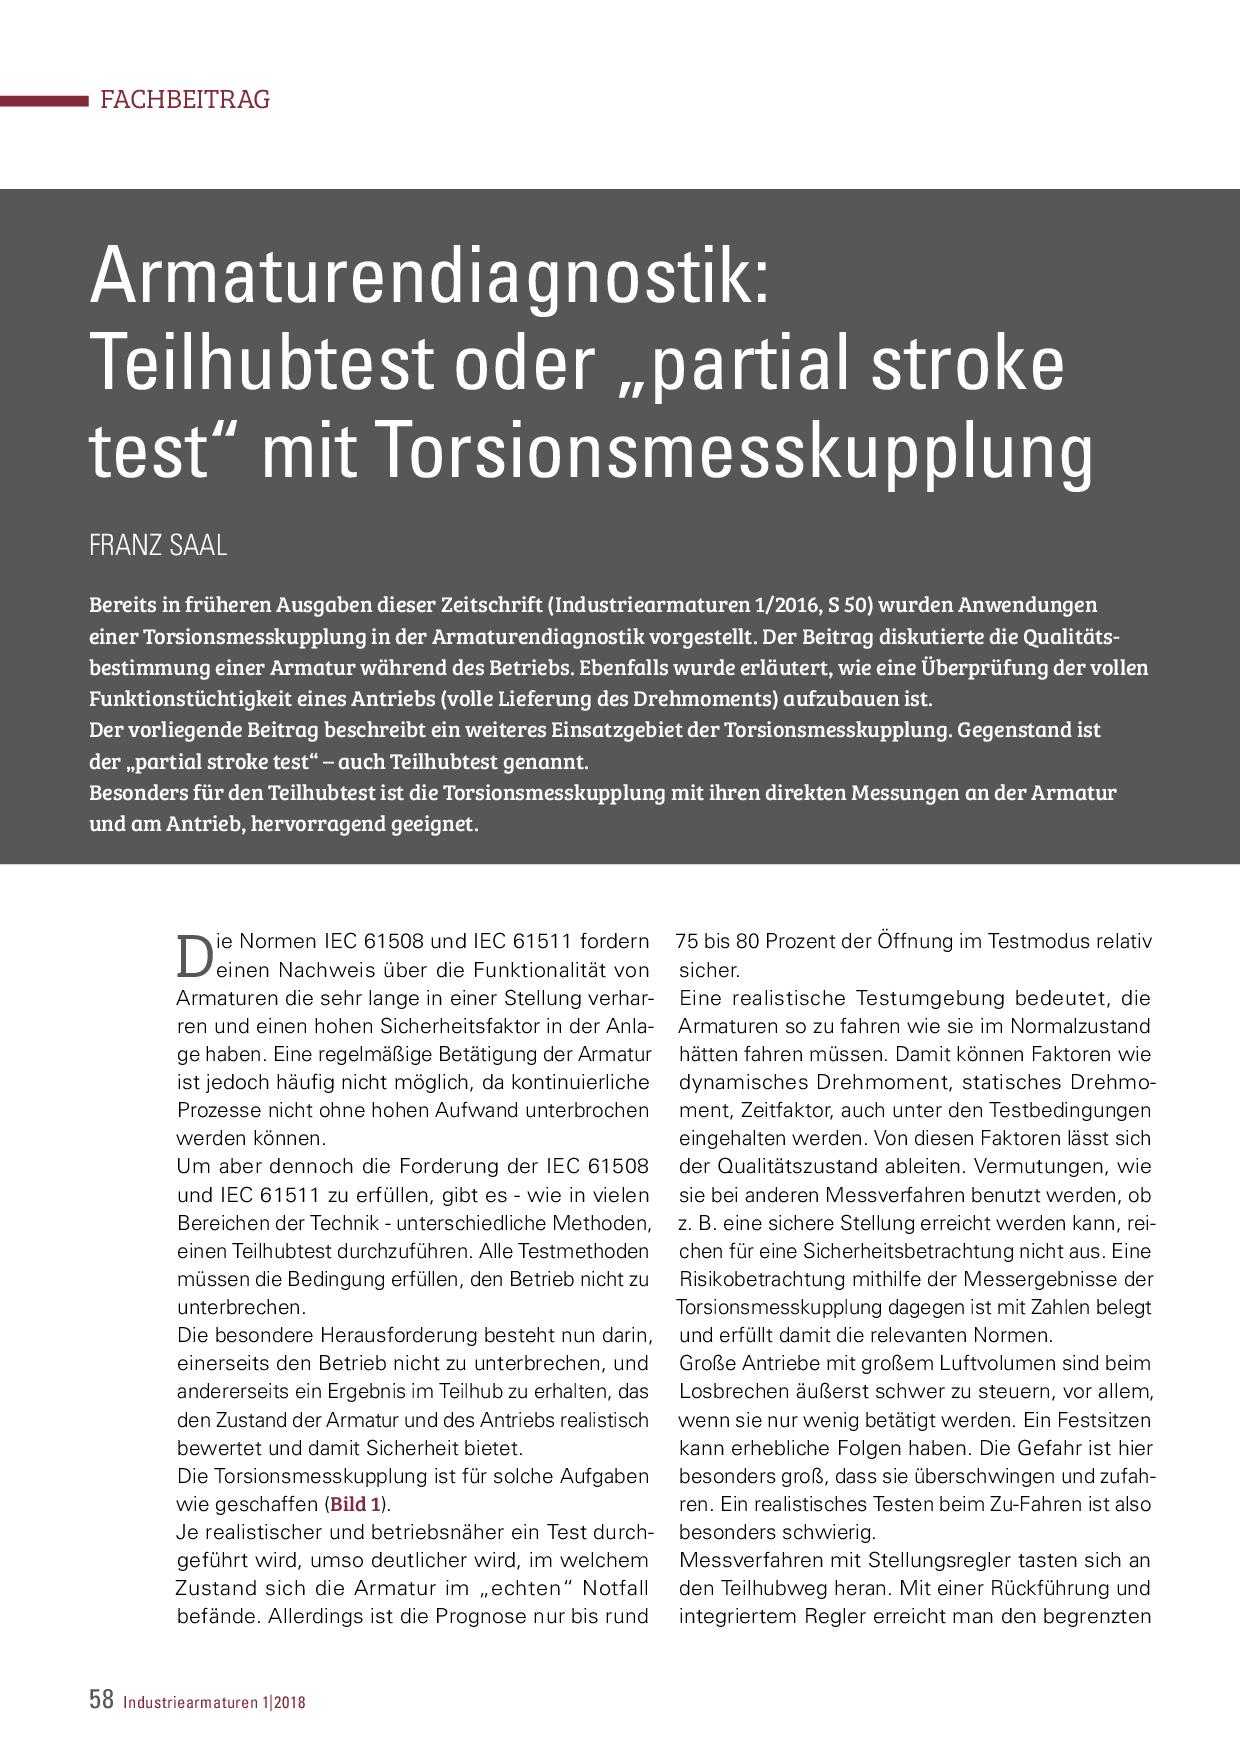 """Armaturendiagnostik: Teilhubtest oder """"partial stroke test"""" mit Torsionsmesskupplung"""